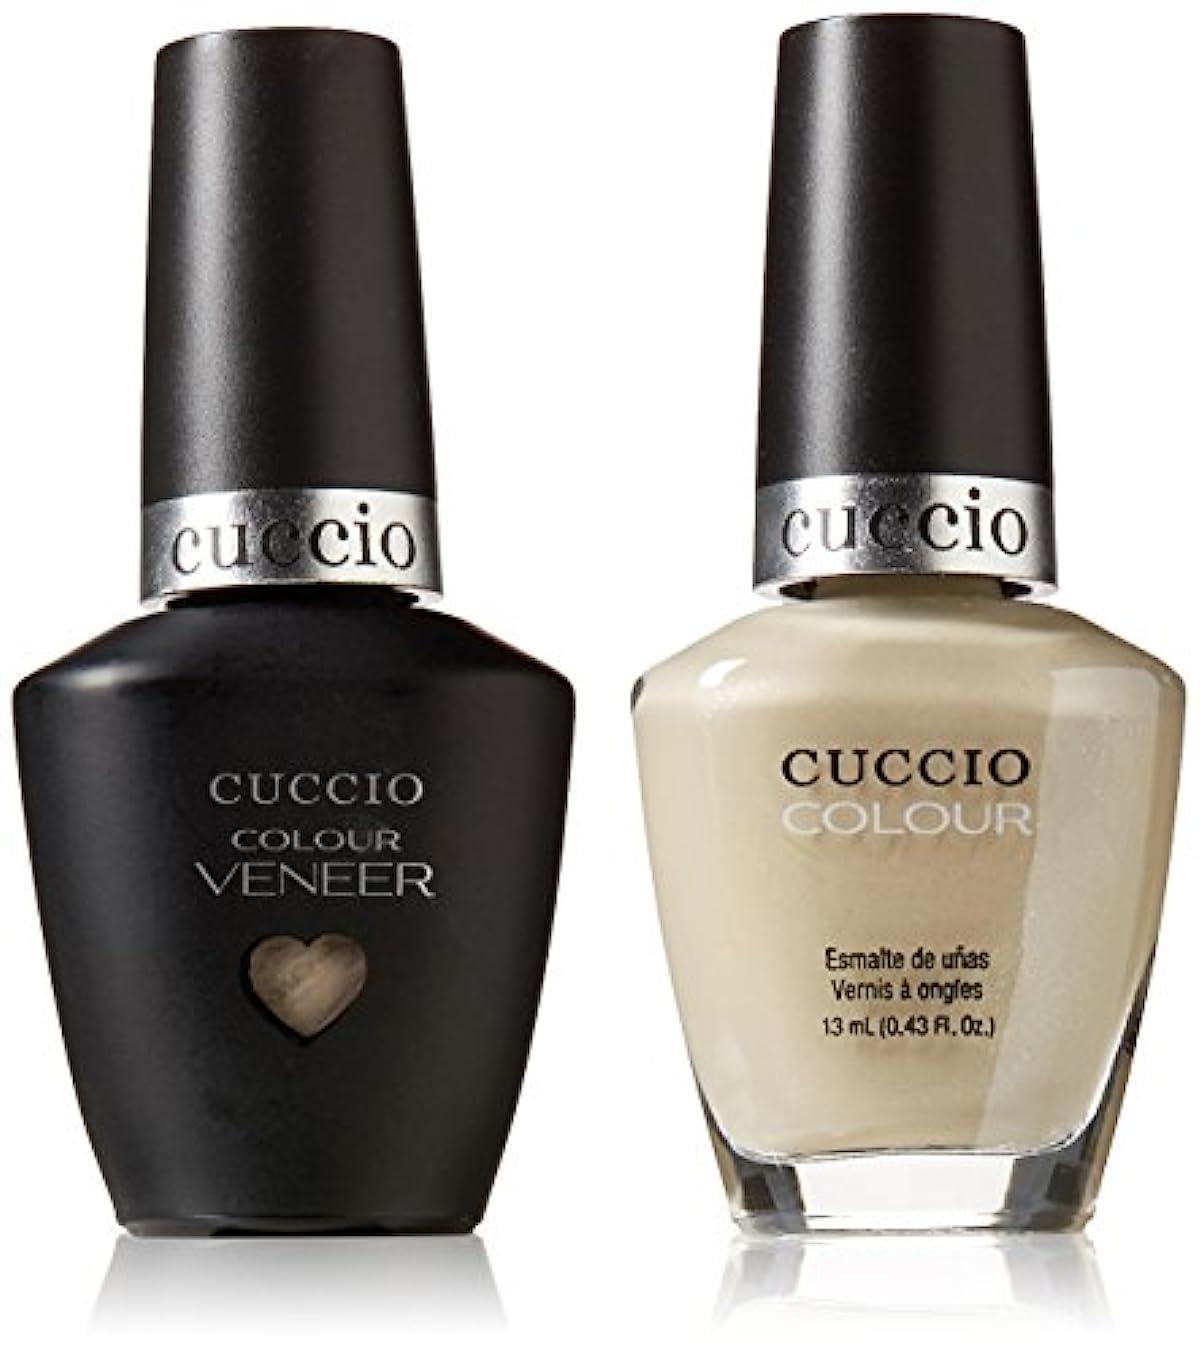 裏切り者それる手錠Cuccio MatchMakers Veneer & Lacquer - Oh Naturale - 0.43oz/13ml Each